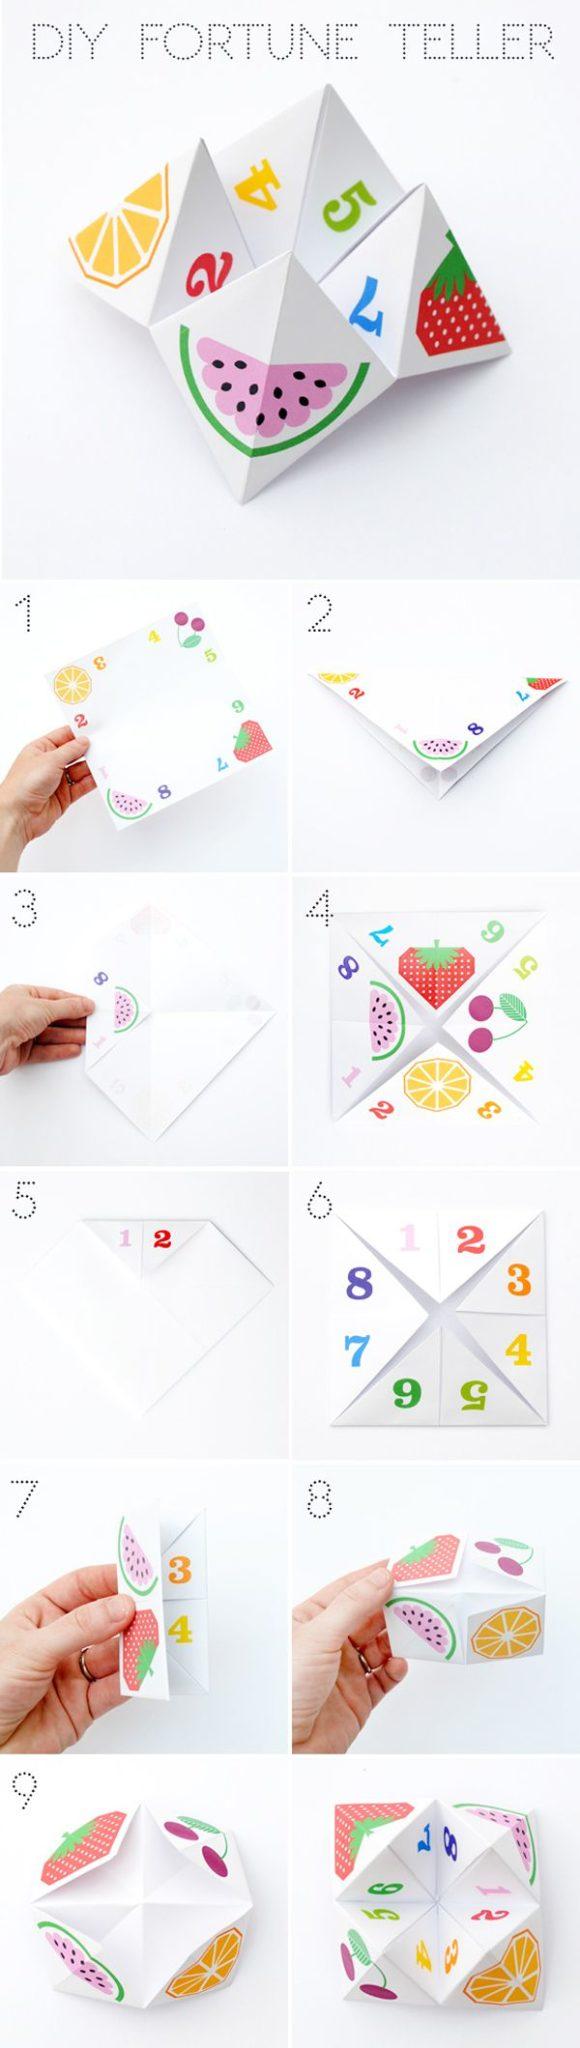 manualidades con papel para adultos